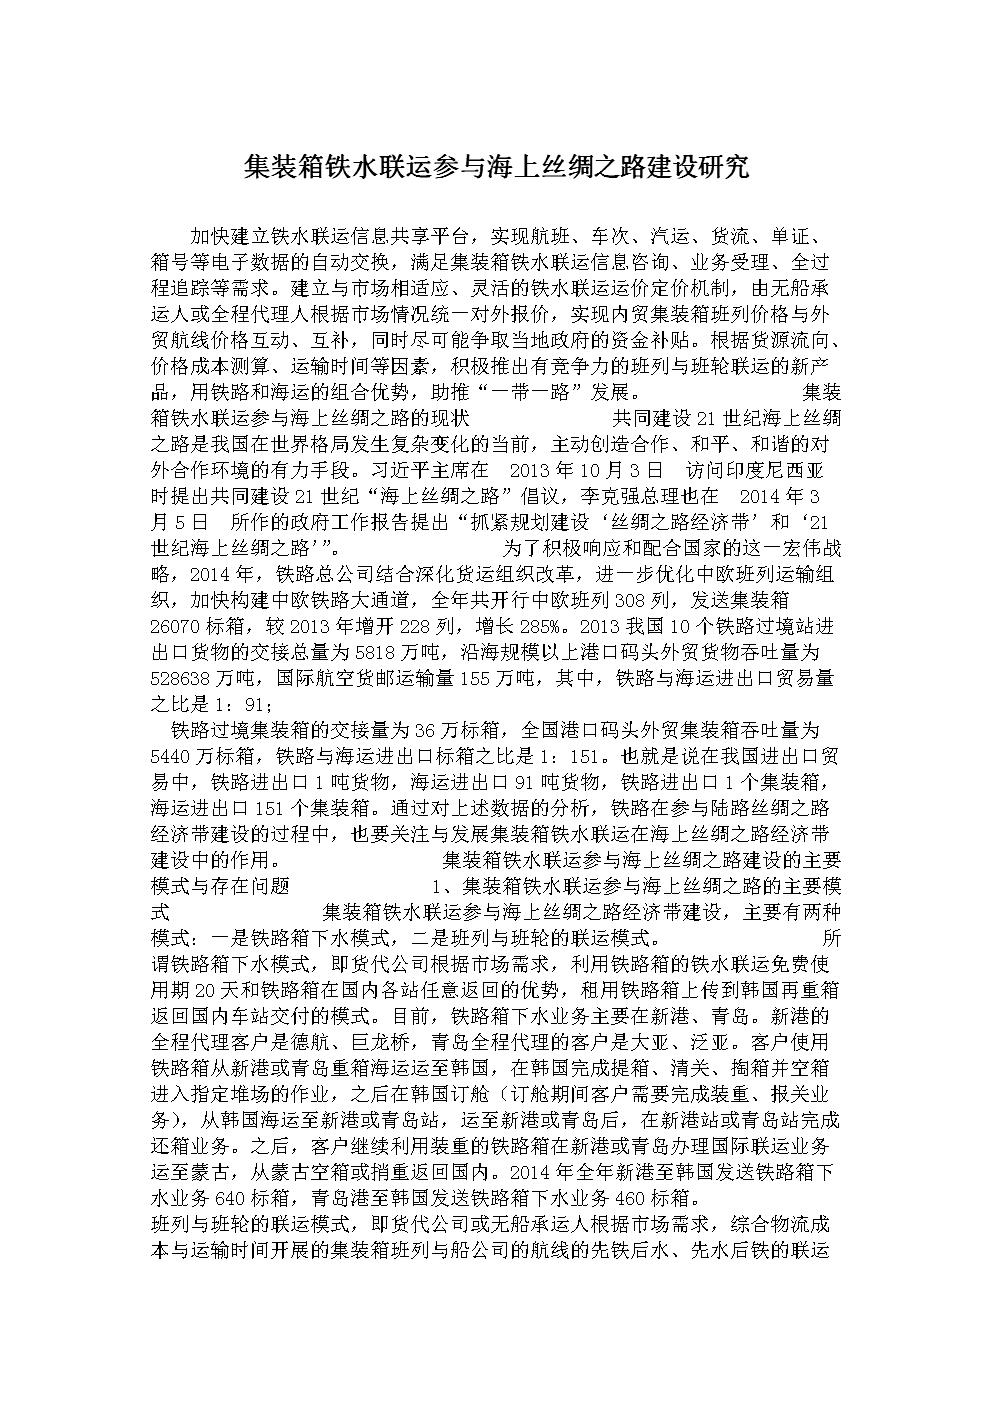 集装箱铁水联运参与海上丝绸之路建设研究.doc